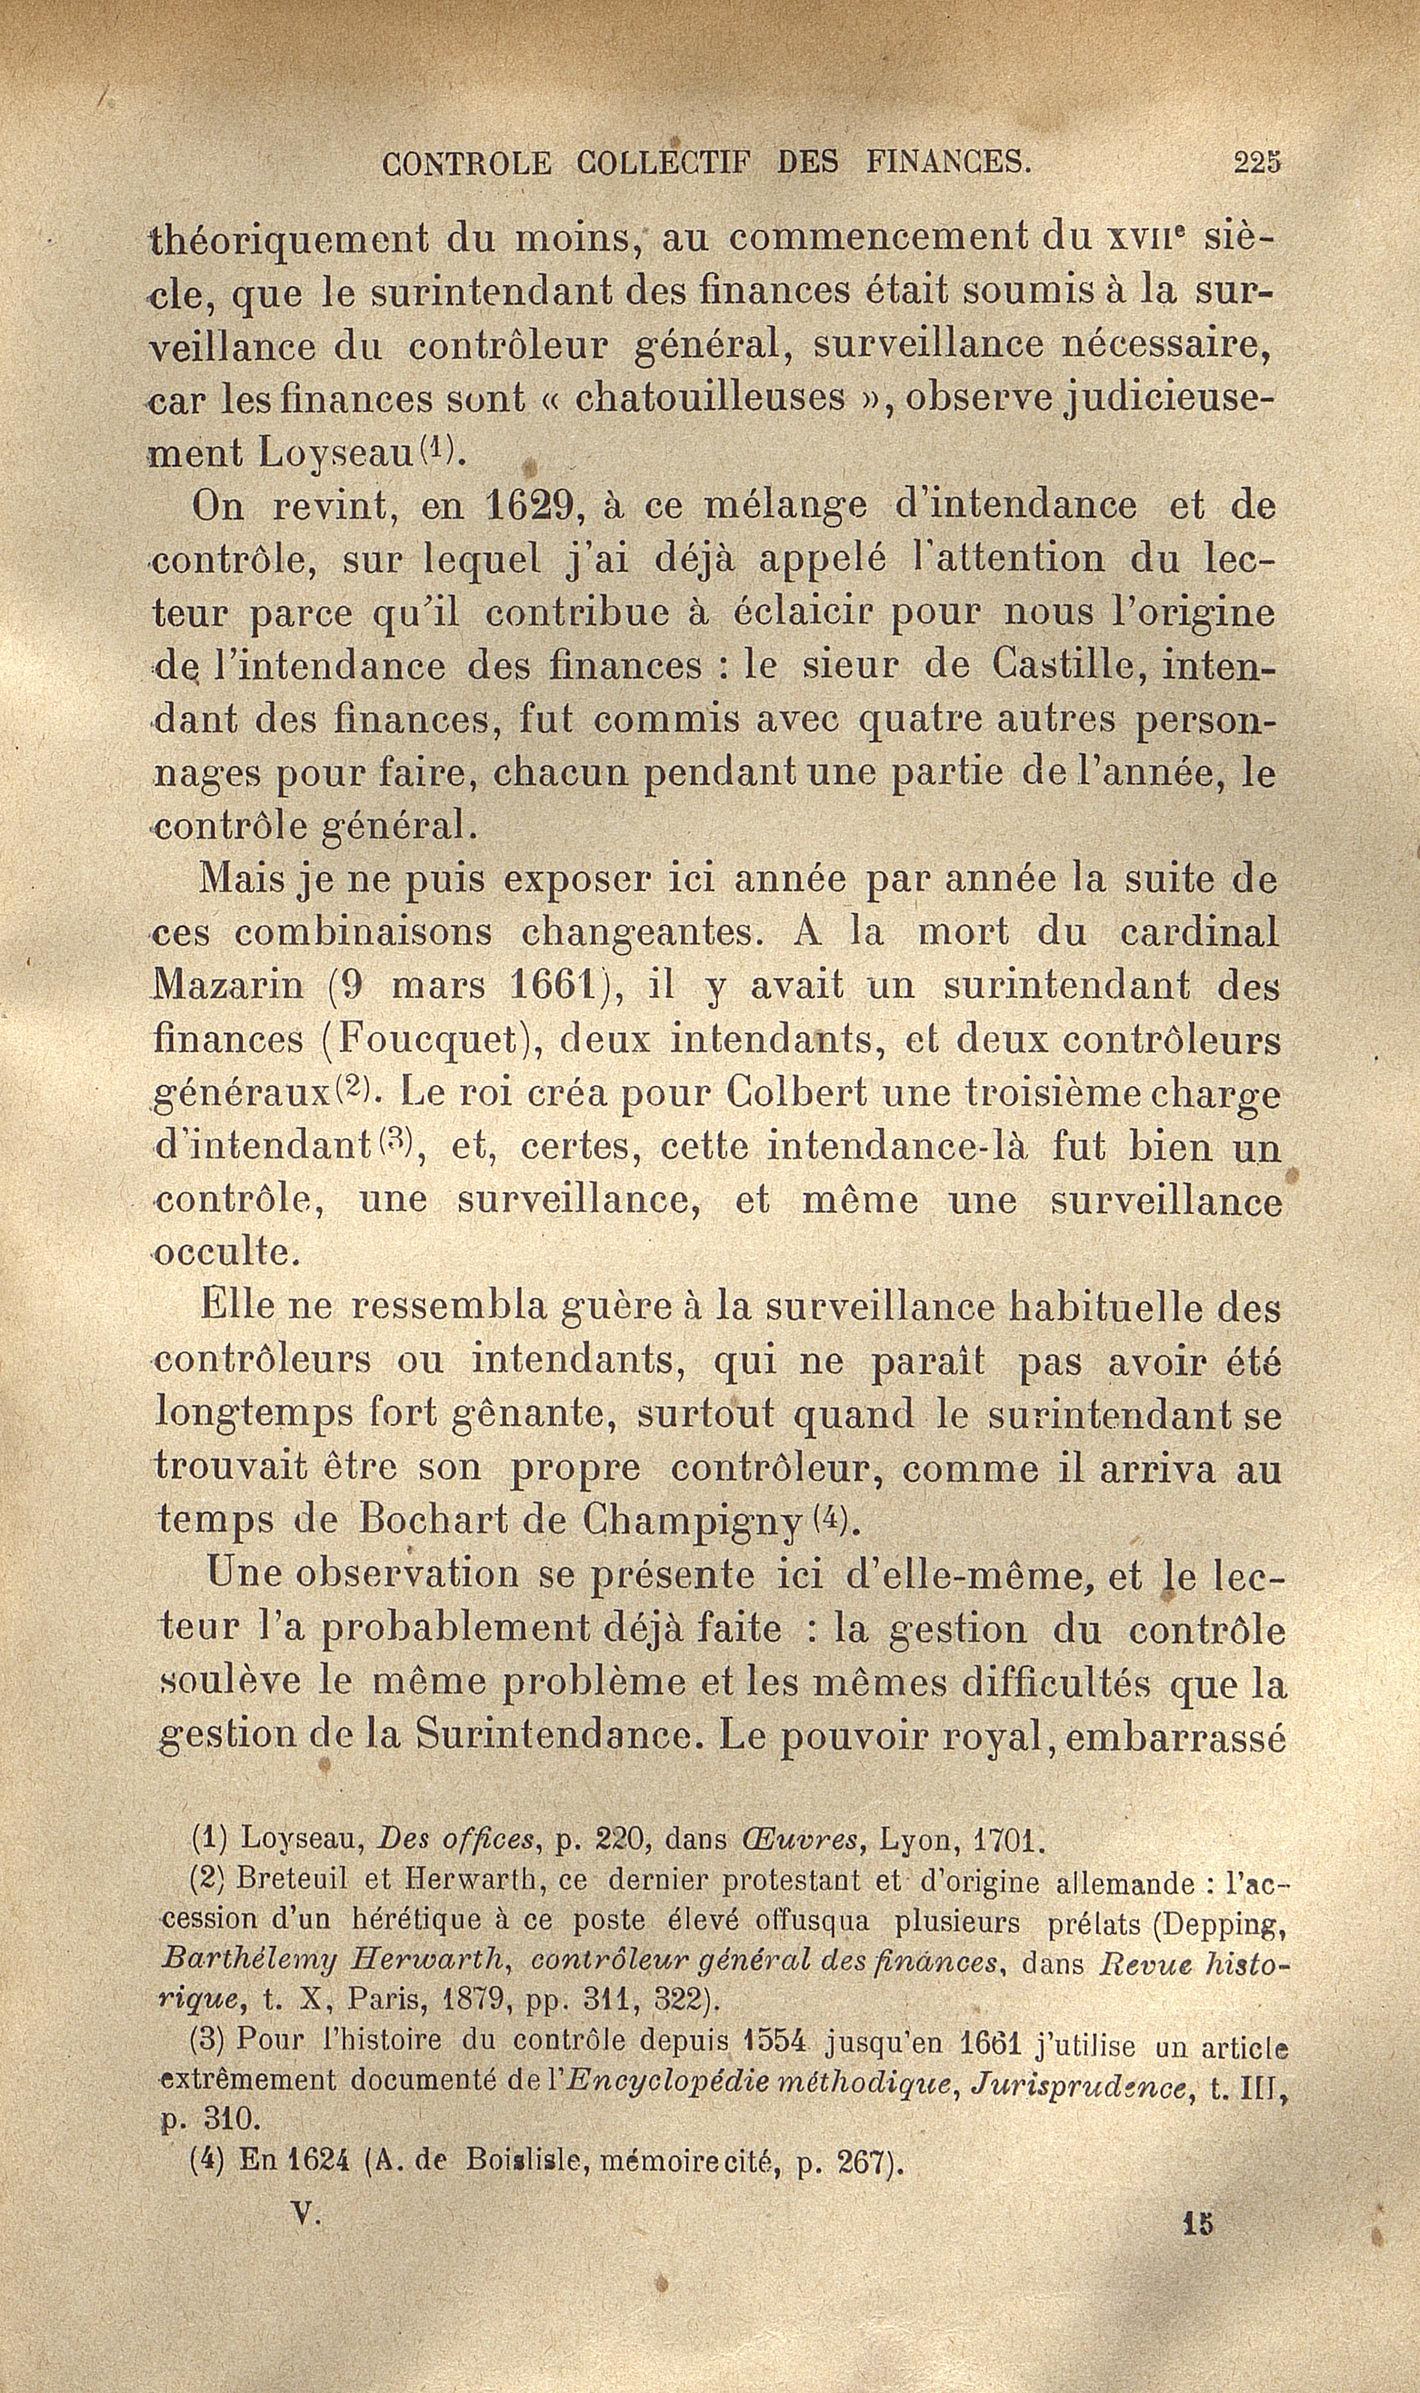 http://expo-paulviollet.univ-paris1.fr/wp-content/uploads/2016/02/0605381272_0239.jpg